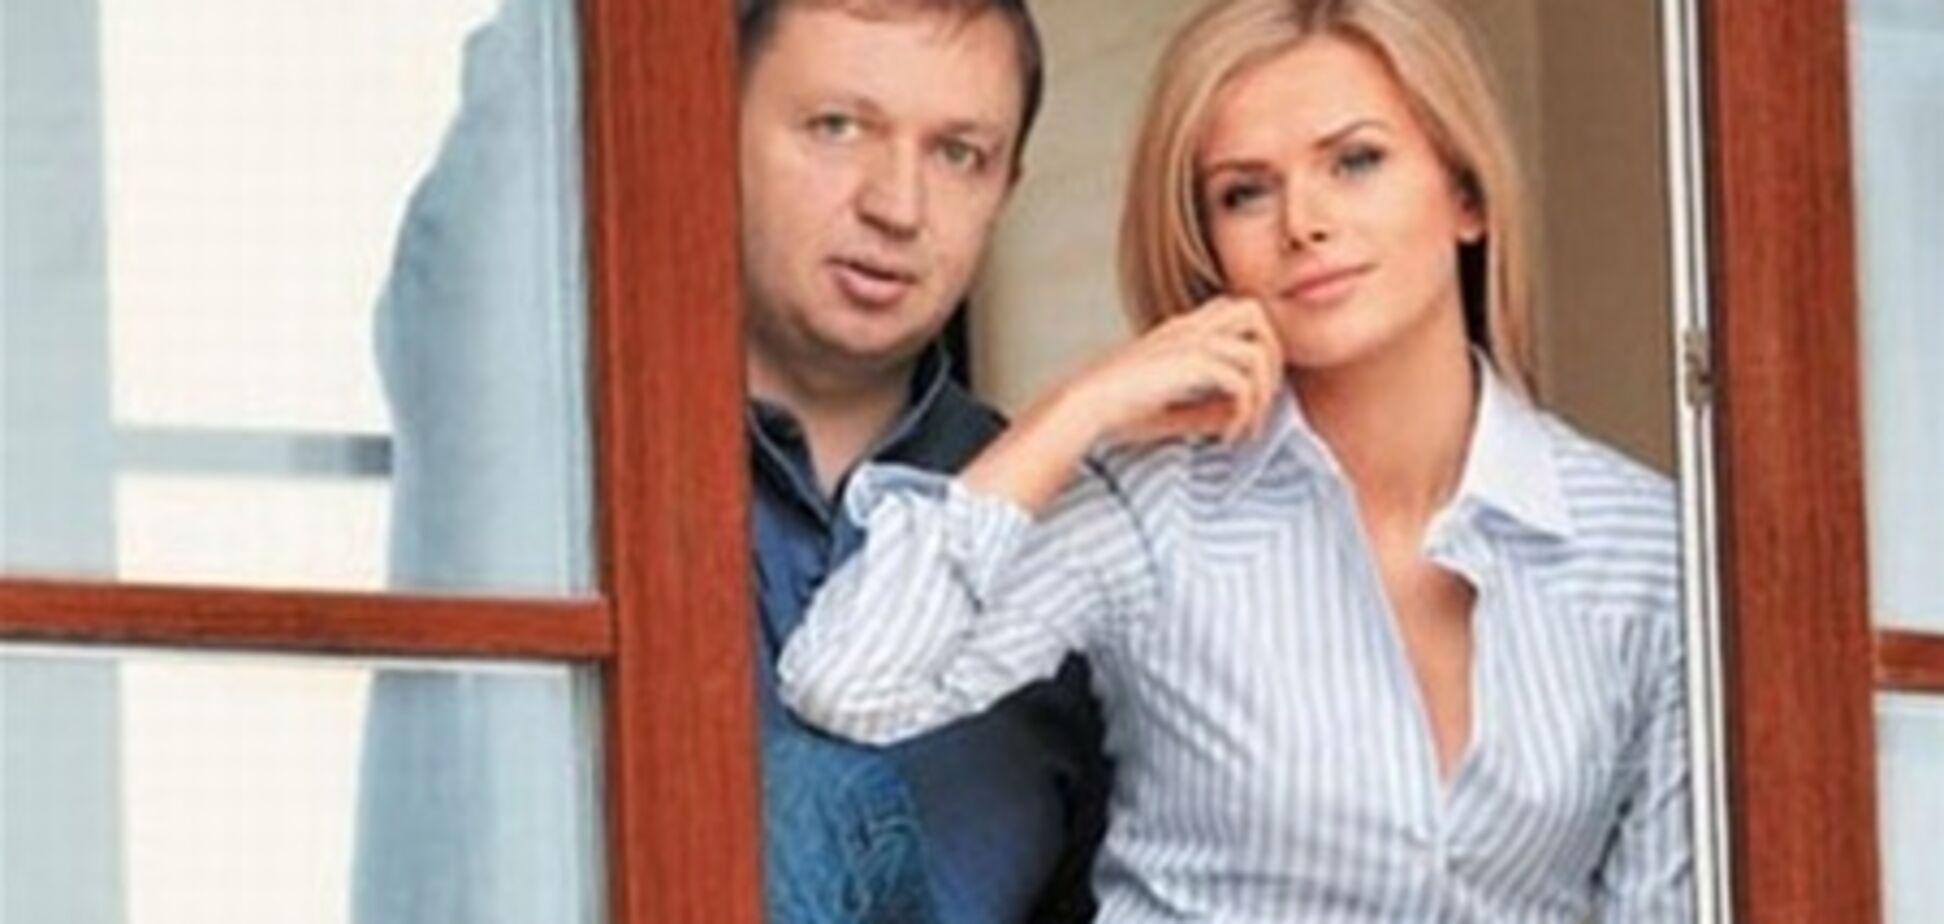 Депутат Донець говорить, що екс-нардеп Горбаль їй не бойфренд